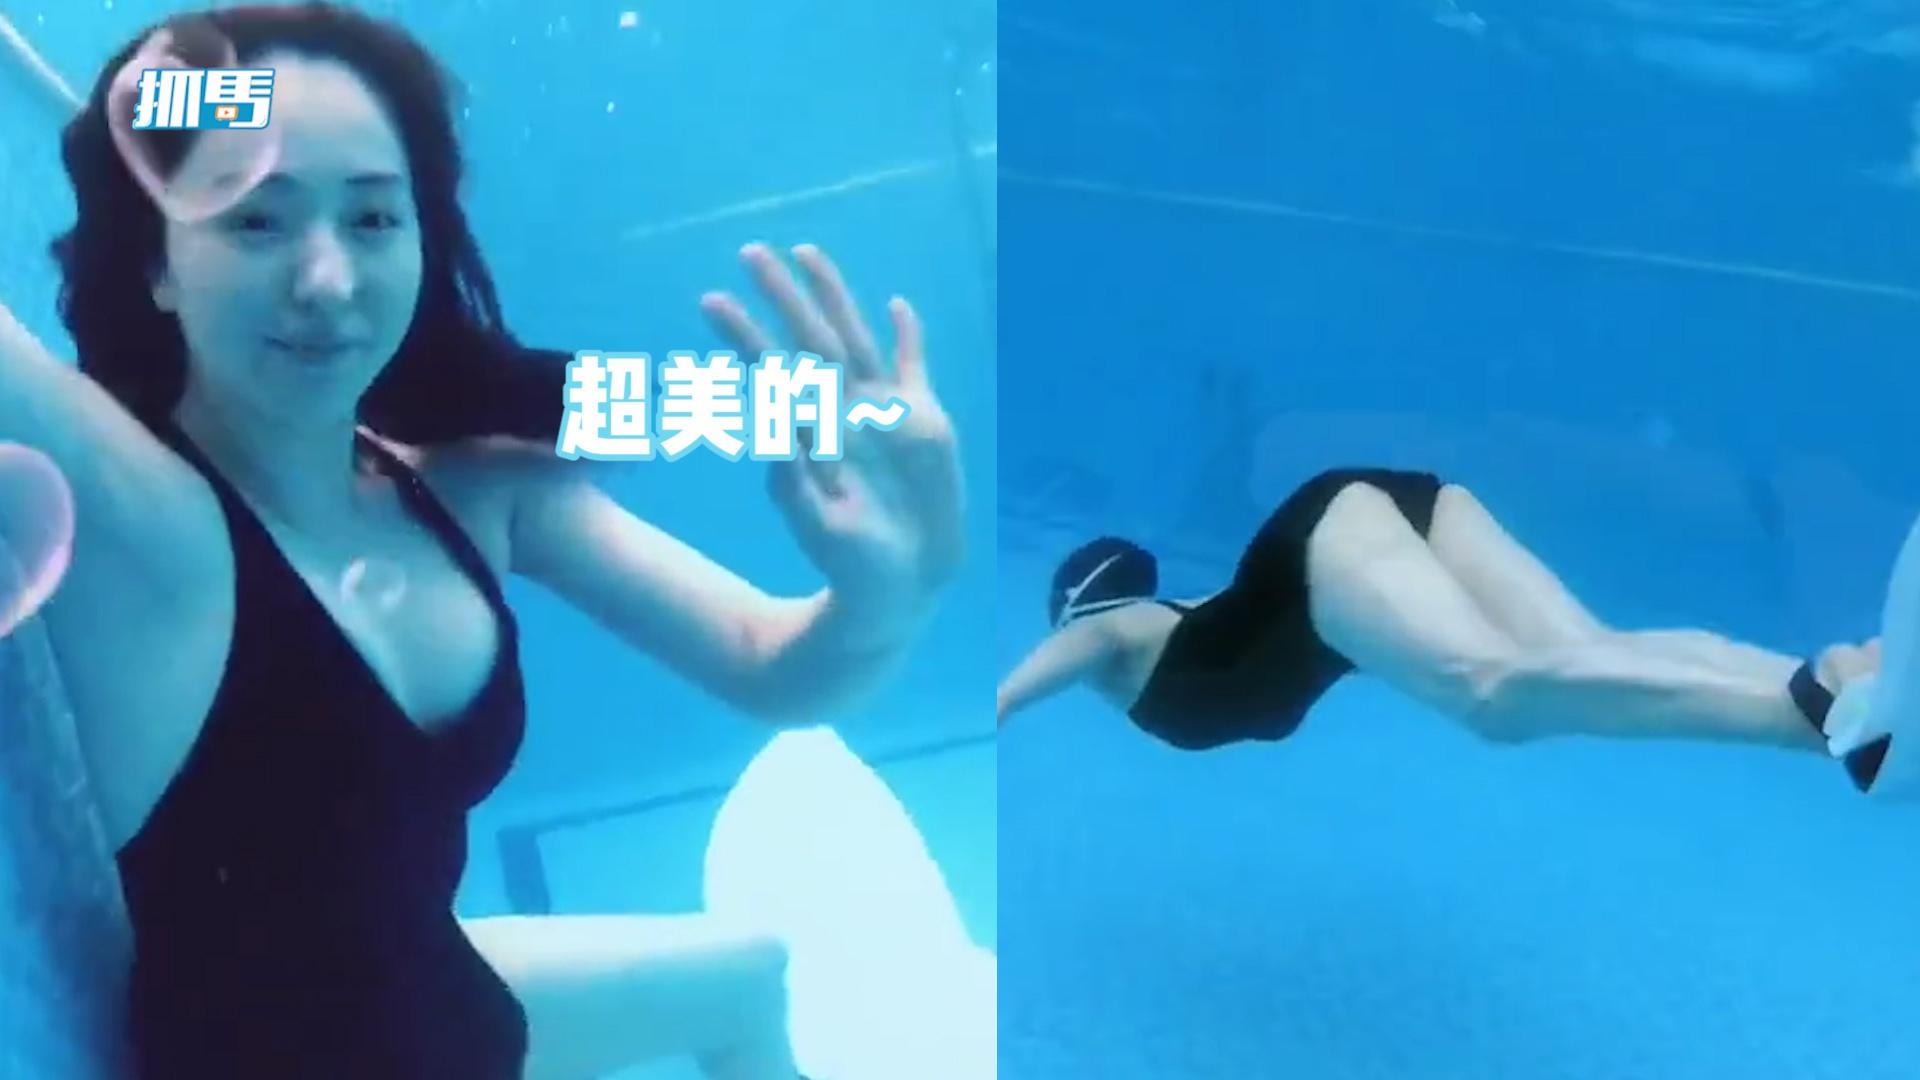 董璇化身美人鱼潜泳,穿紧身衣秀完美身材,送飞吻疑示爱绯闻男友